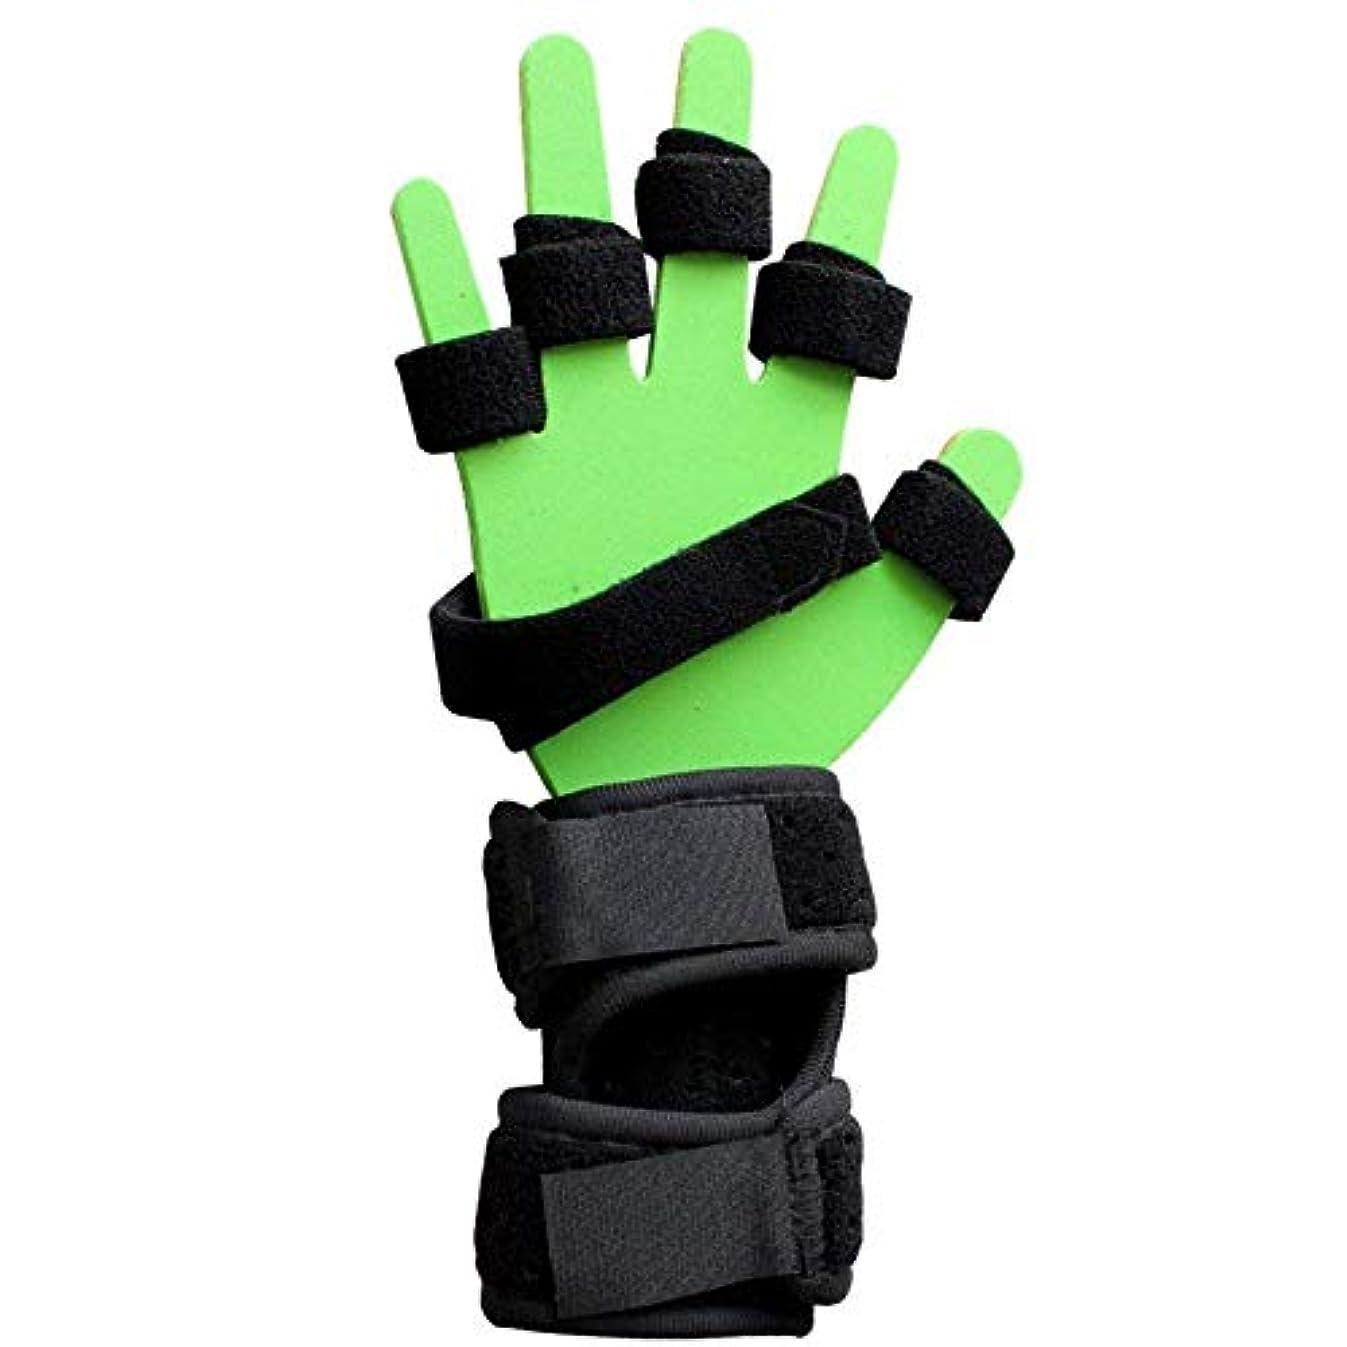 名前弓いいね指損傷サポート、指板トレーニング指固定プレート、片麻痺用指装具プラスチックアルミニウムプレート,RightHand-M